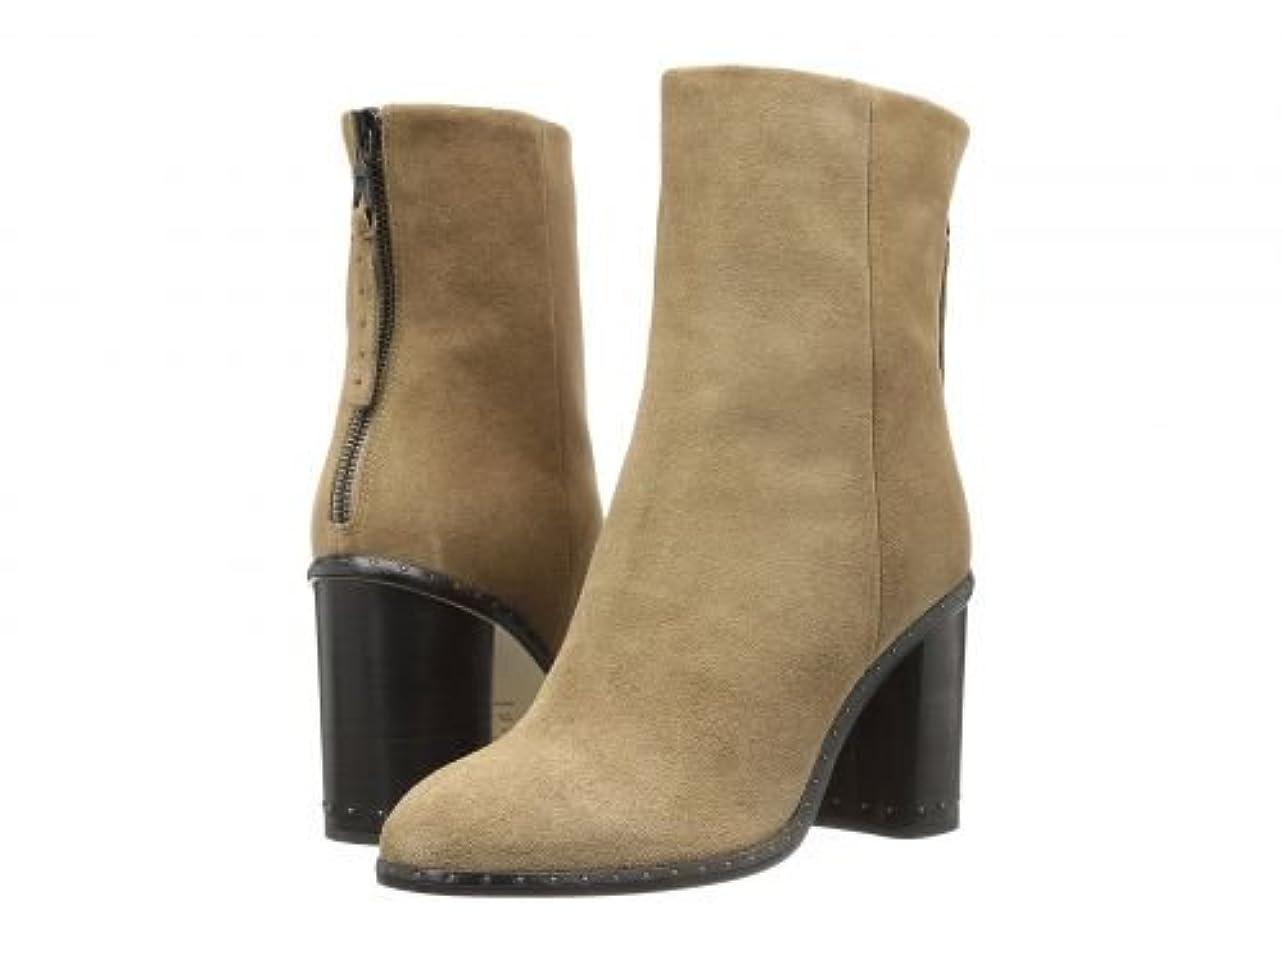 名声キャメルベンチrag & bone(ラグアンドボーン) レディース 女性用 シューズ 靴 ブーツ アンクルブーツ ショート Blyth Boot - Camel Suede [並行輸入品]